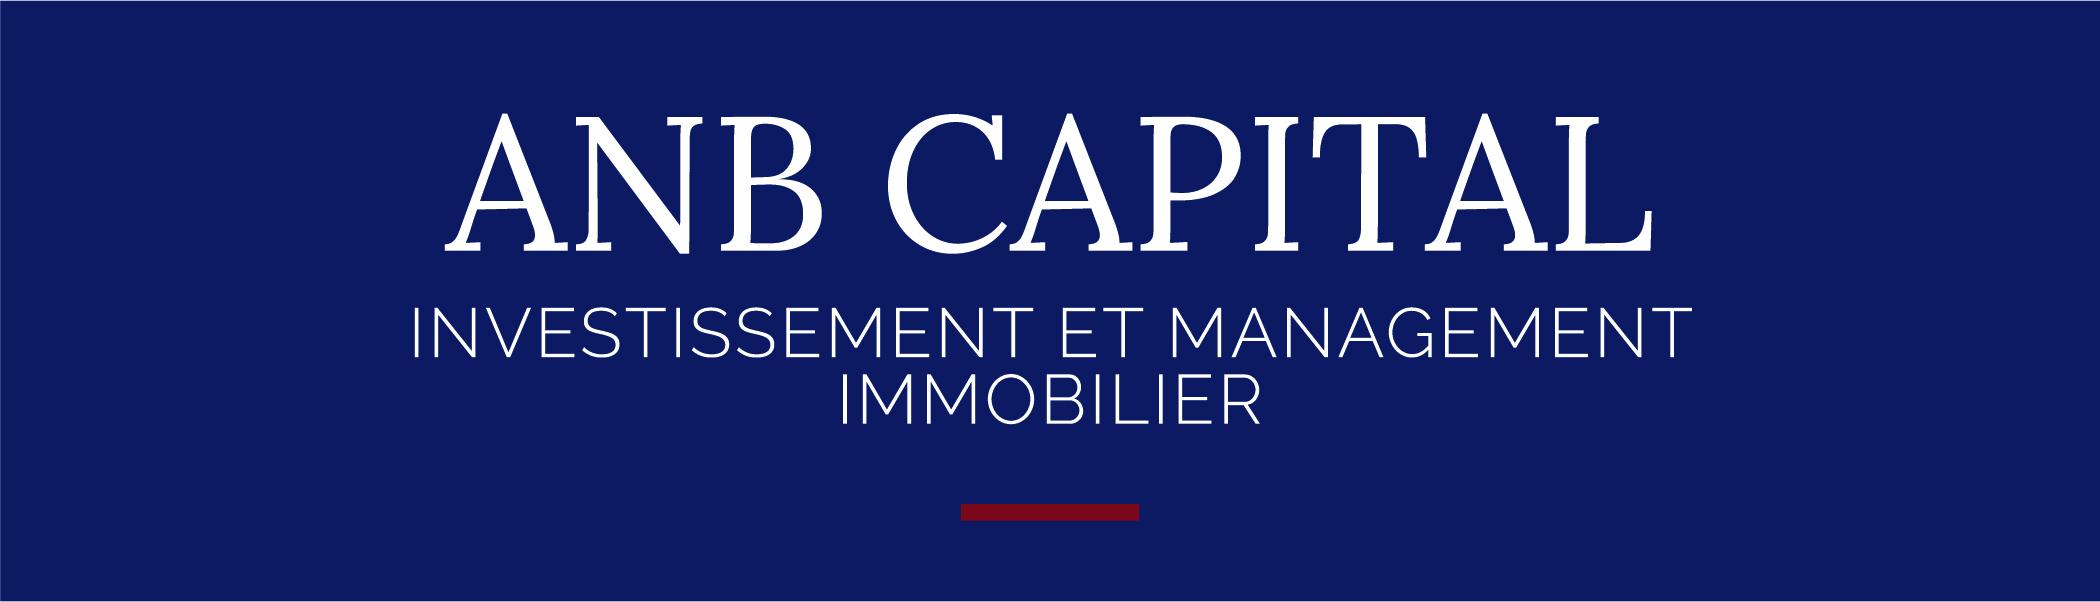 ANB Capital